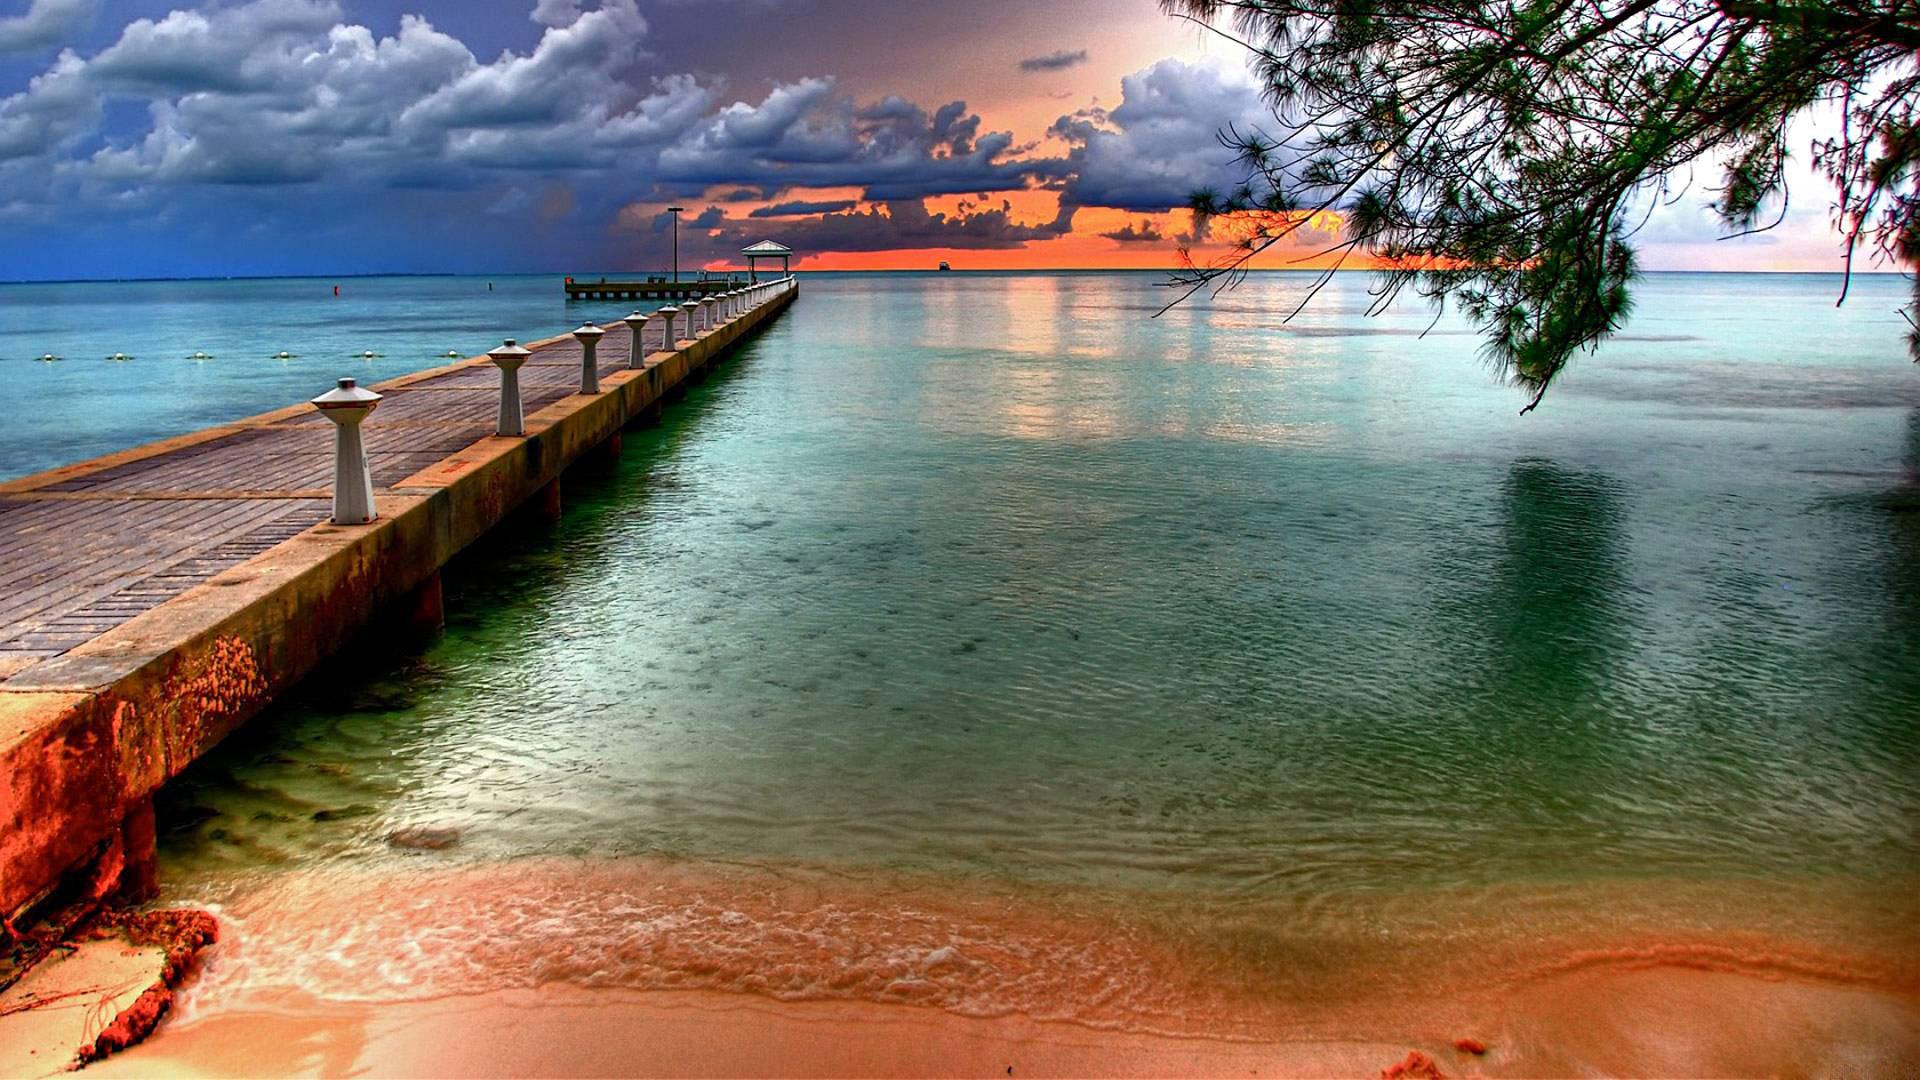 46094 скачать обои Пейзаж, Природа, Море - заставки и картинки бесплатно